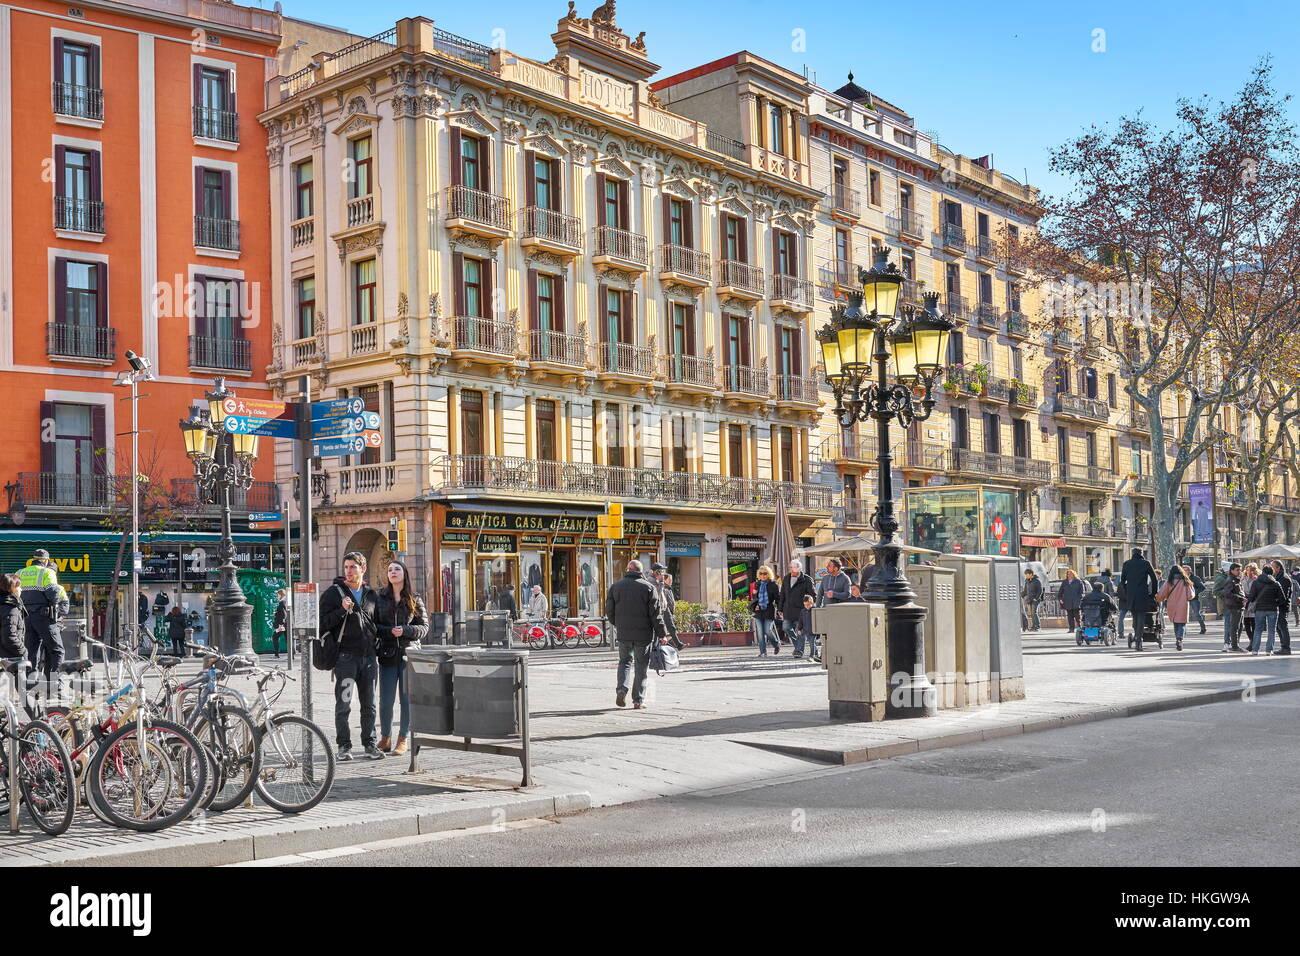 La rue de La Rambla, Barcelone, Catalogne, Espagne Photo Stock